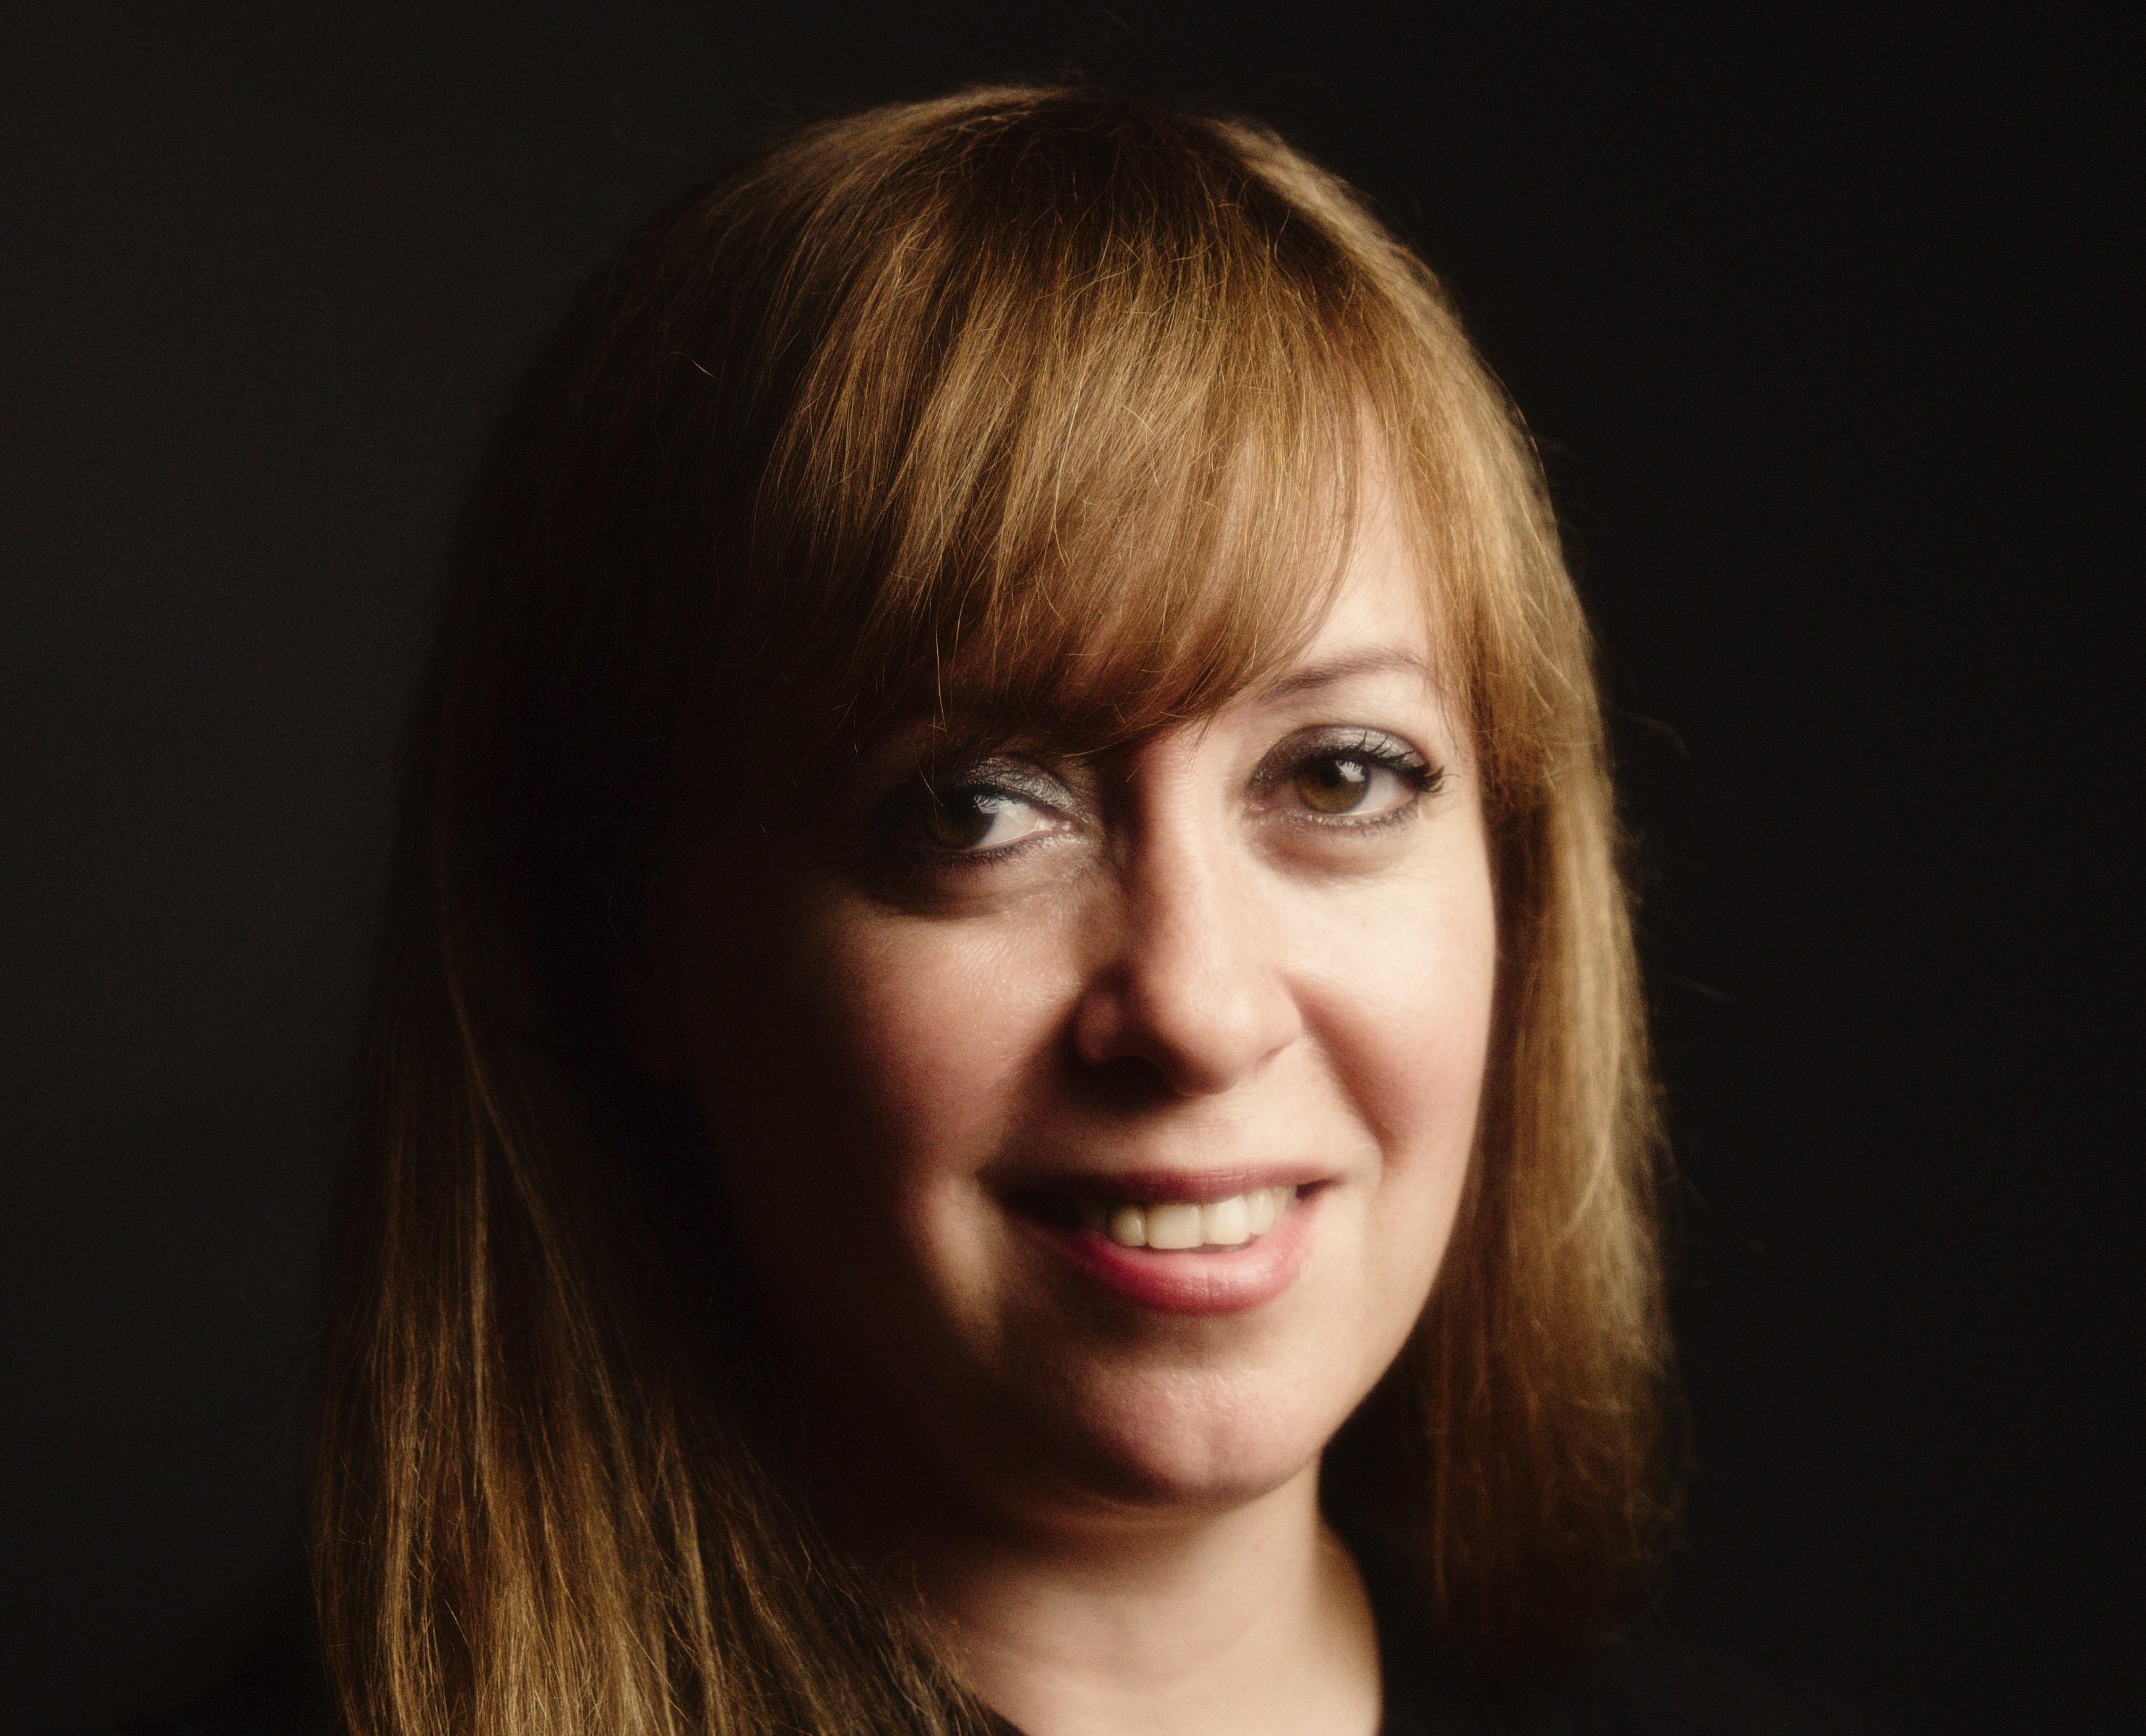 Jenny Thibault directrice générale et artistique de la Société d'arts et technologie